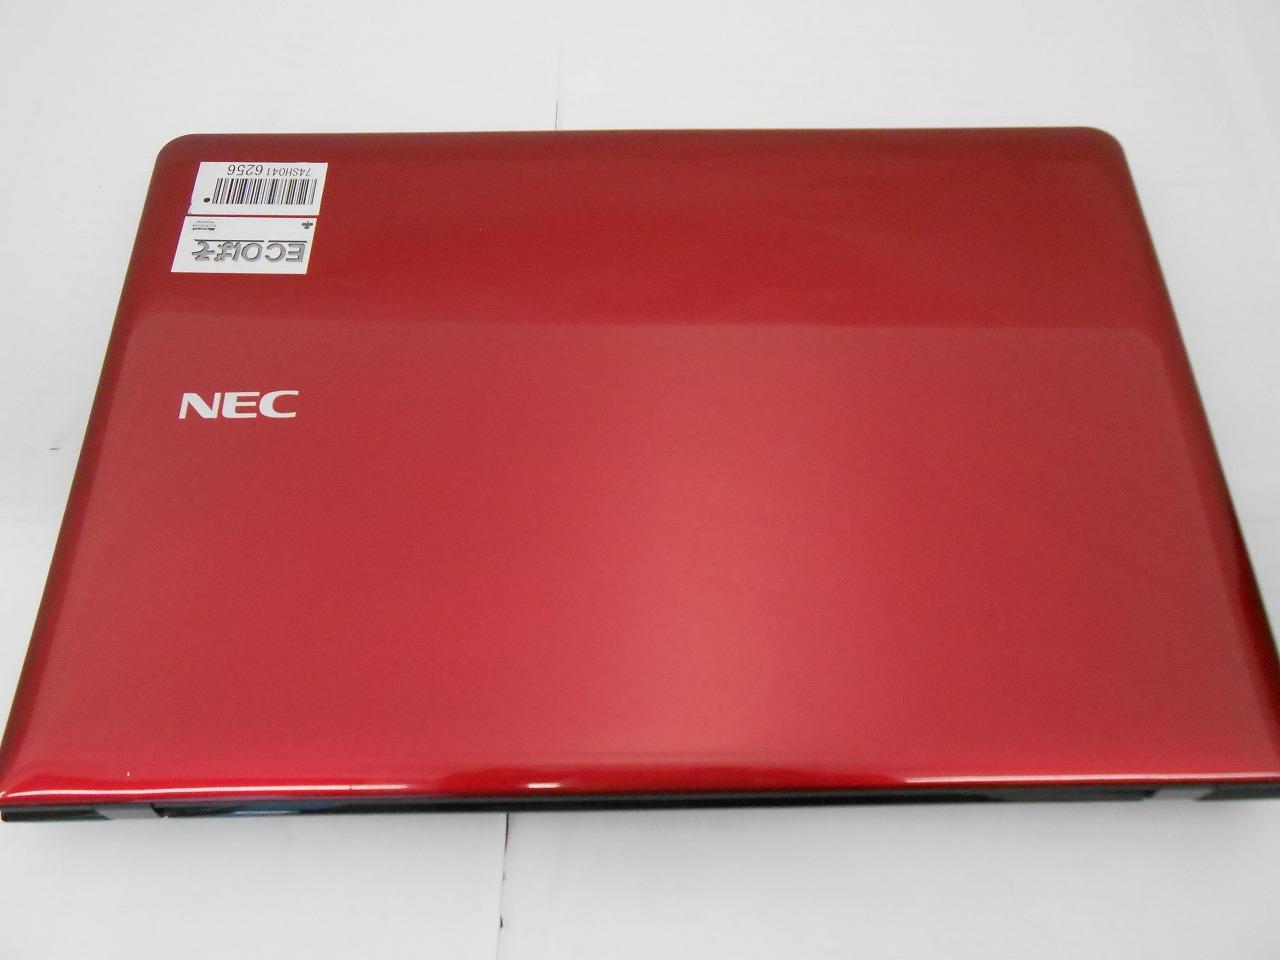 【テレワーク応援】【WPSOffice付】【中古】 NEC Lavie LS700/R/2014年モデル/Corei7 4702MQ 2.2GHz/メモリ8GB/SATA750GB/15インチ/Windows10Home【3ヶ月保証】【足立店発送】